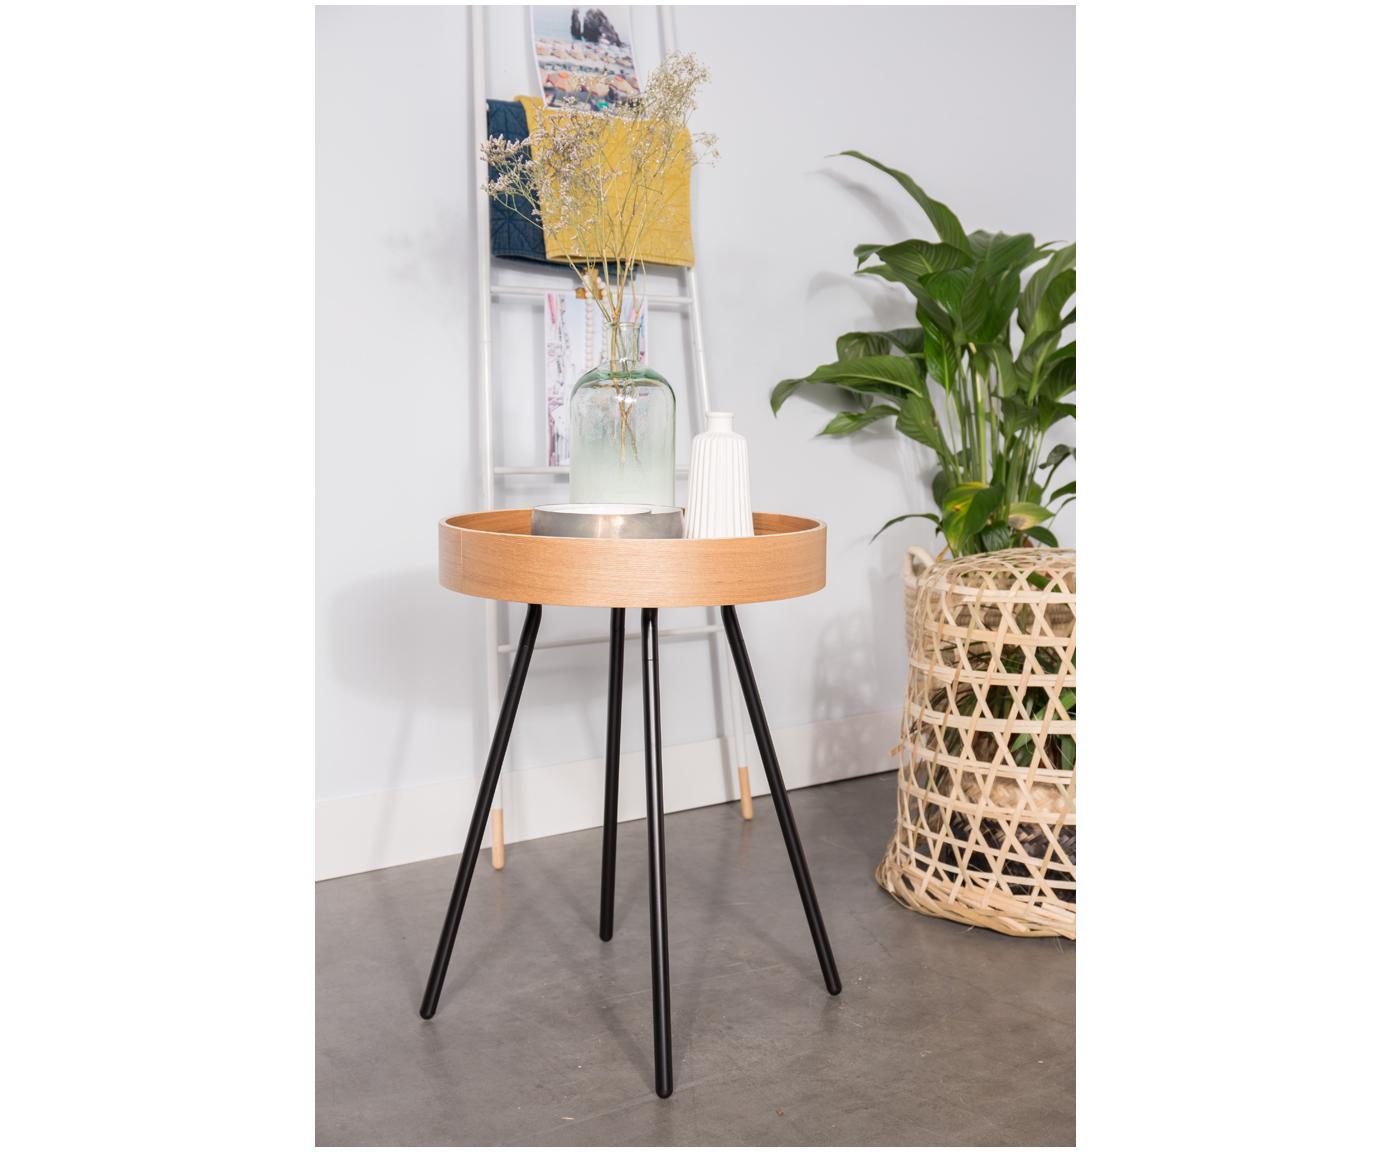 Stolik-taca Oak Tray, Nogi: stal malowana proszkowo, Drewno dębowe, Ø 47 x W 56 cm